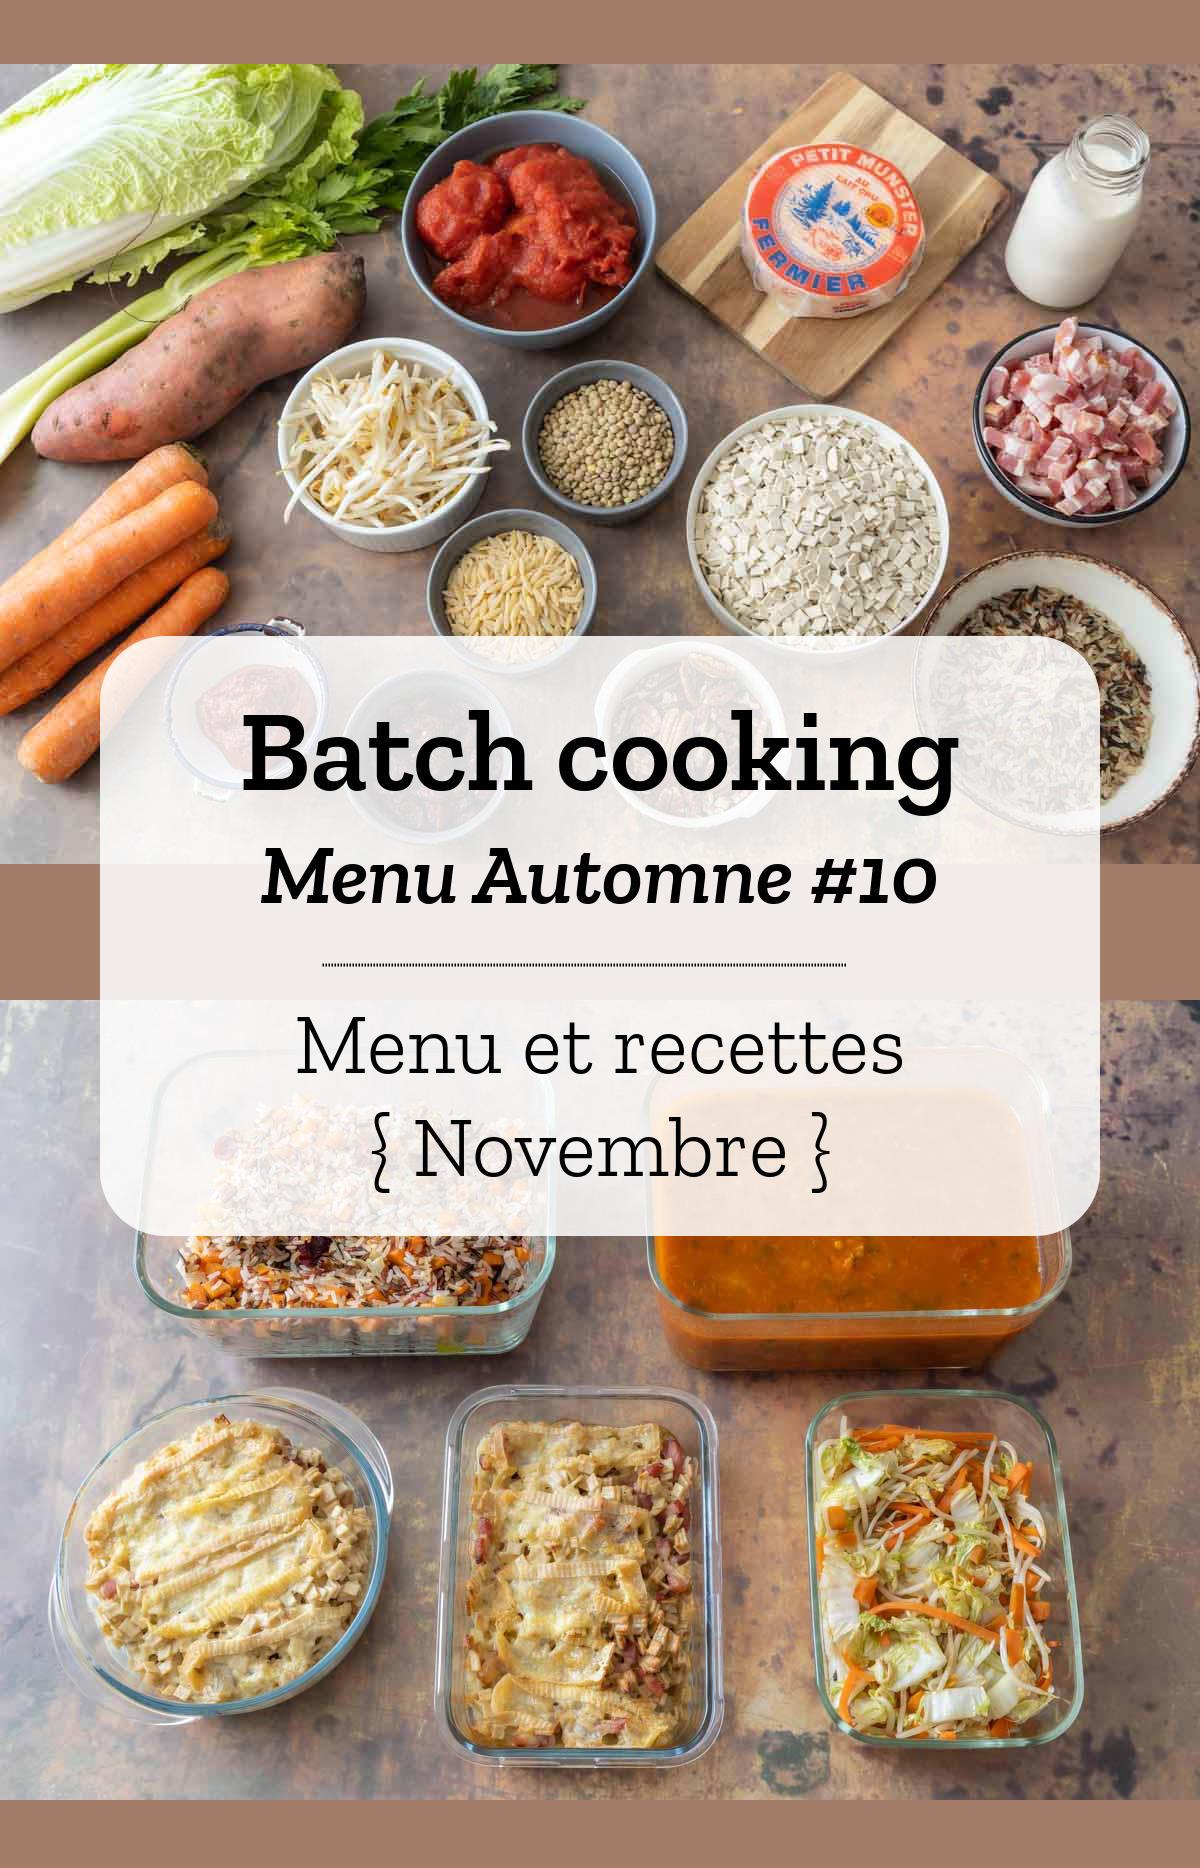 Batch cooking Automne #10 - Mois de Novembre - Semaine 48